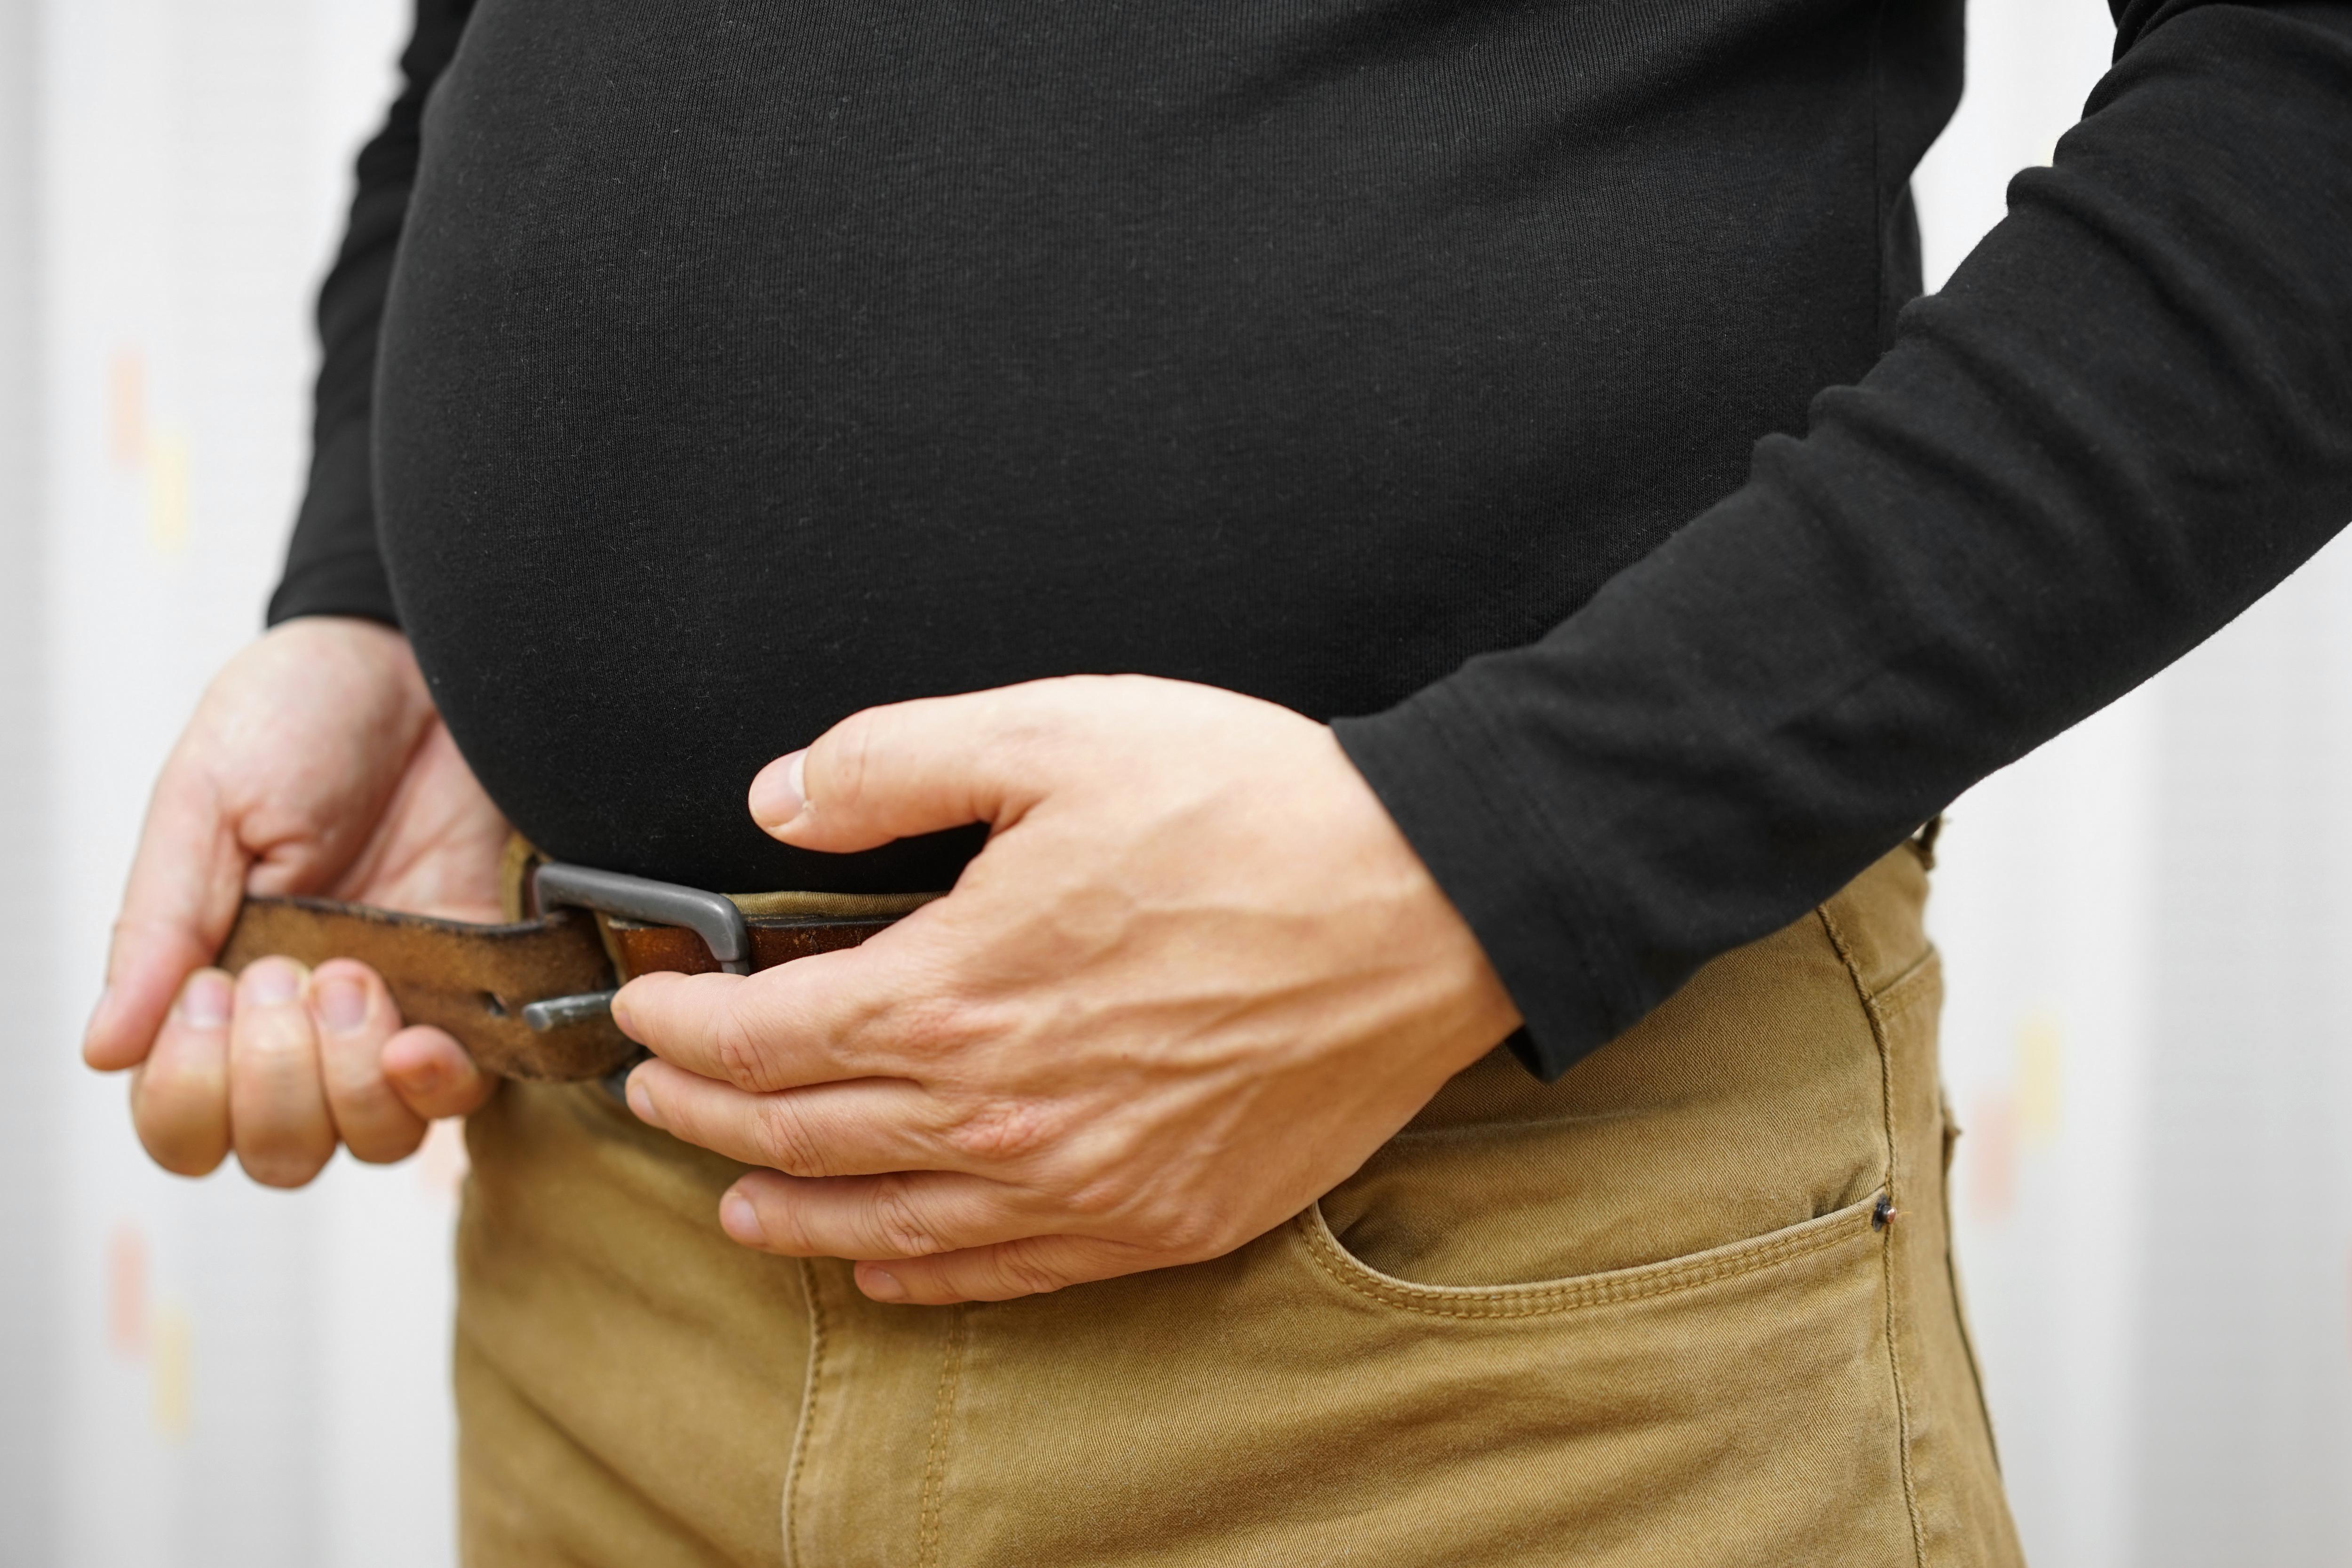 Kraftigt överviktiga och feta får ofta rekommendationen att gå ned mellan fem och tio procent av sin kroppsvikt för att minska risken för sjukdomar.